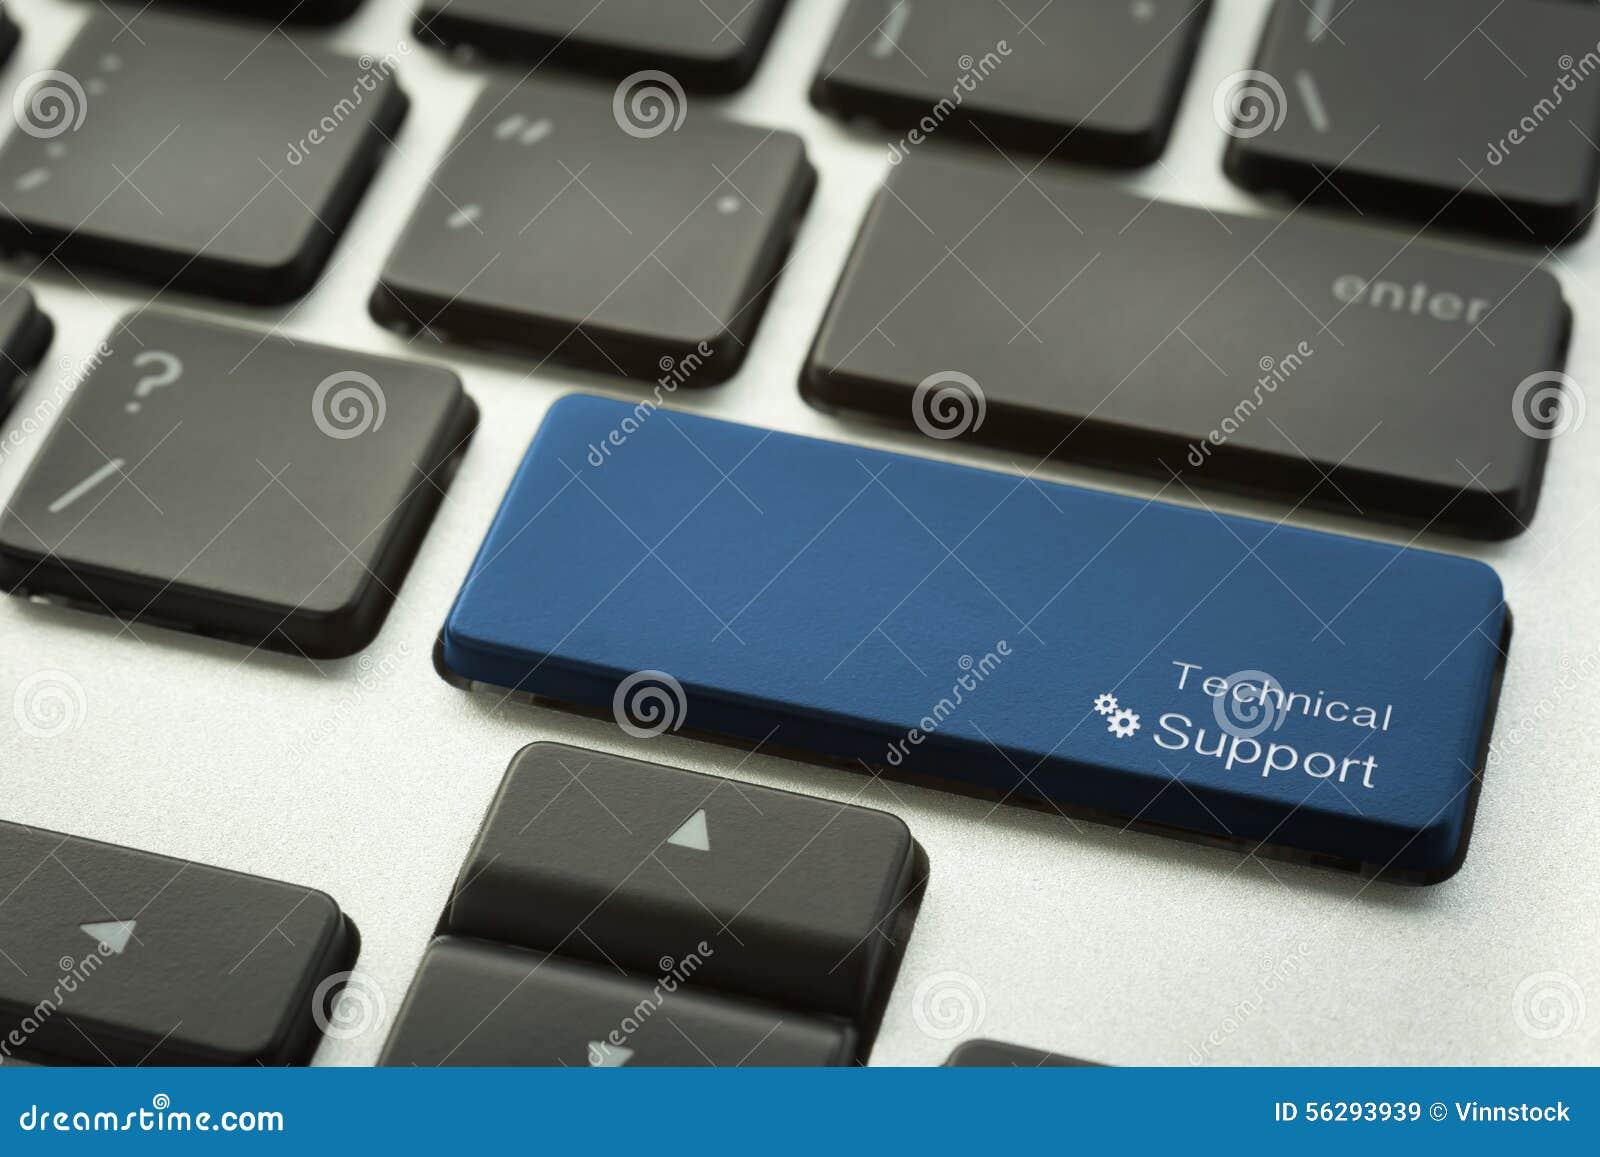 Πληκτρολόγιο υπολογιστών με το τυπογραφικό κουμπί ΤΕΧΝΙΚΉΣ ΥΠΟΣΤΉΡΙΞΗΣ